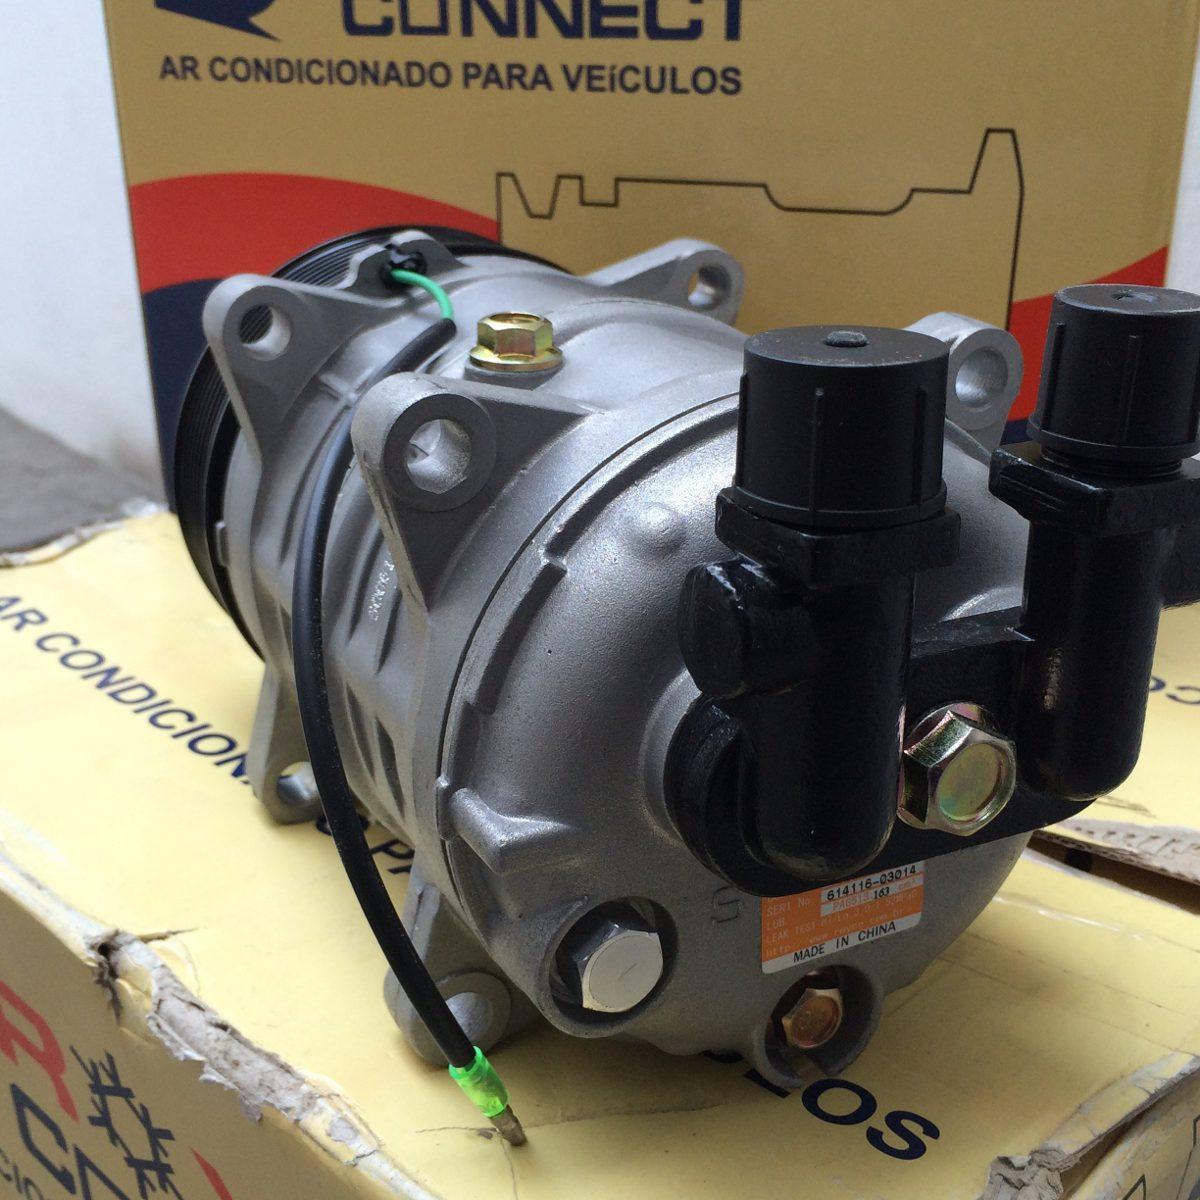 Compresor de aire acondicionado para vehiculos s for Compresor de aire acondicionado